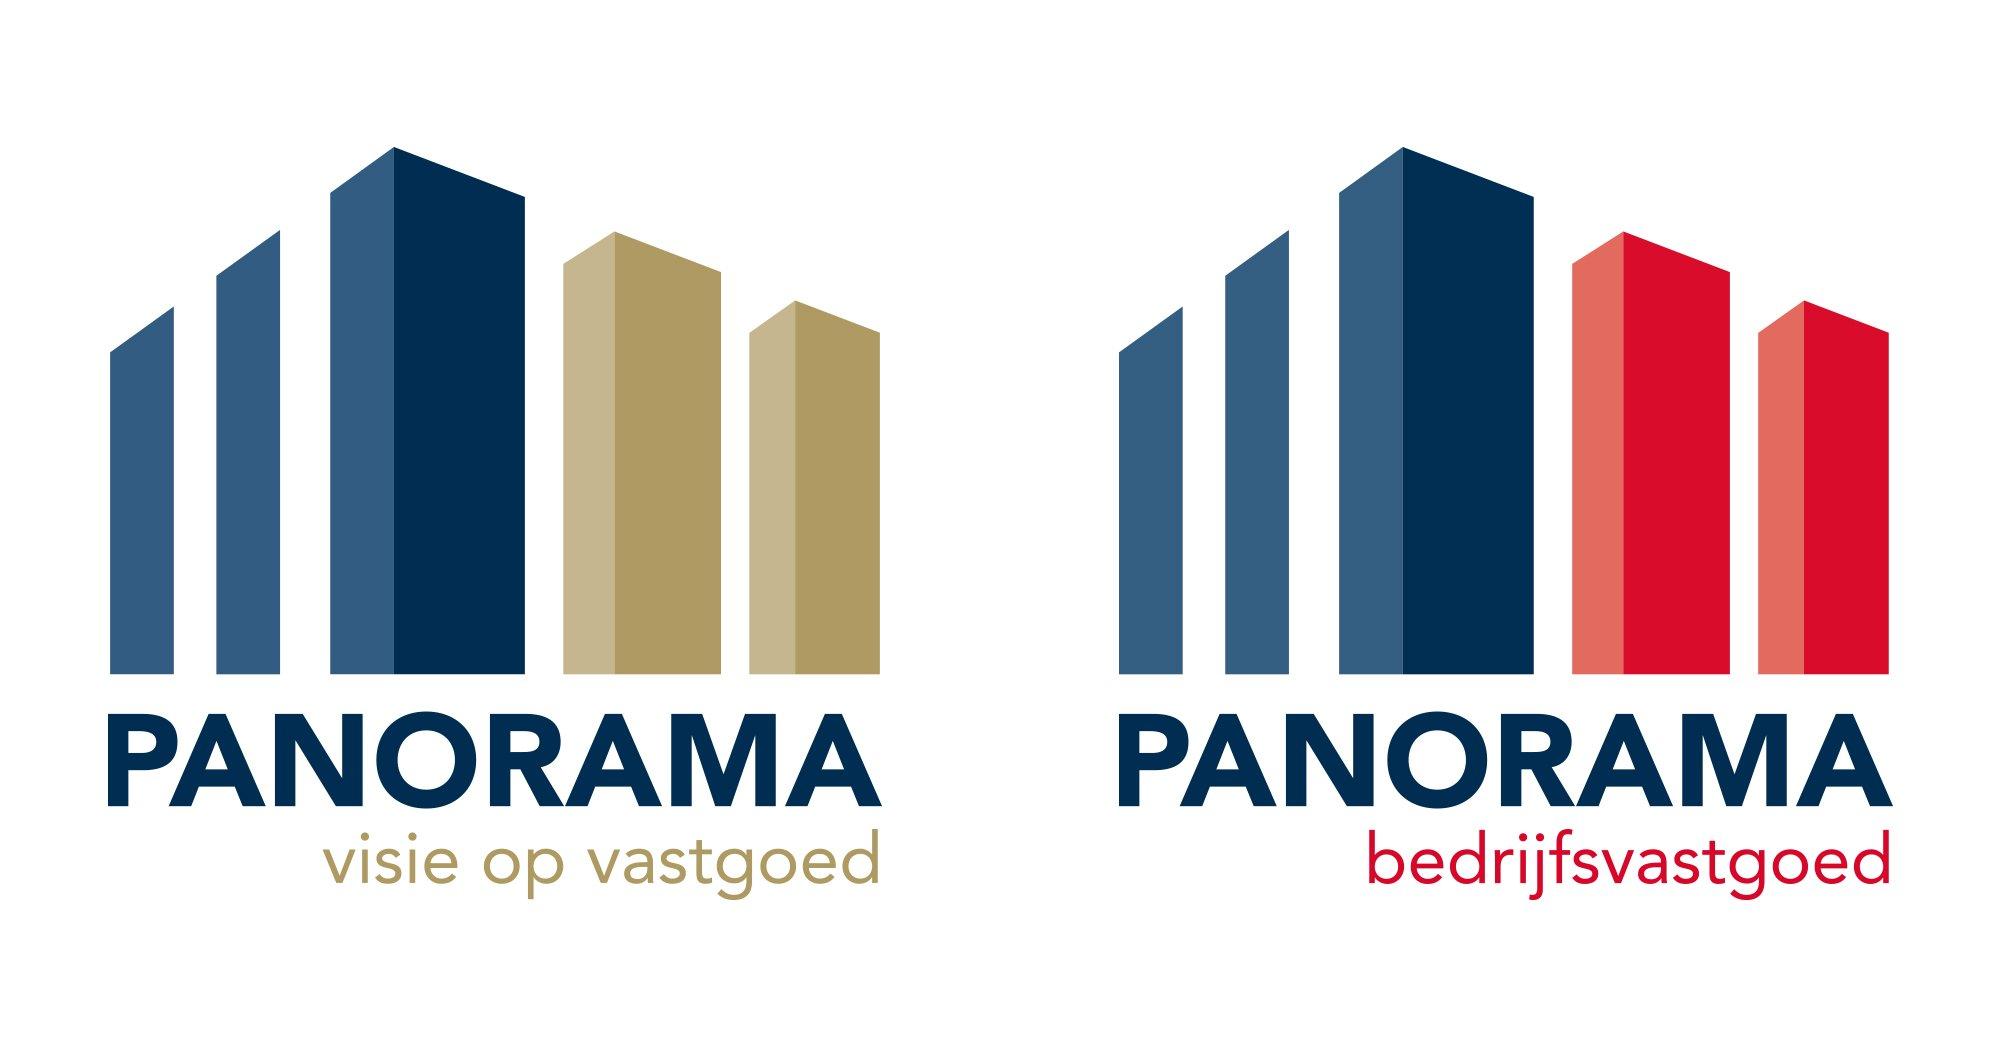 PANORAMA woon- en bedrijfsvastgoed logo